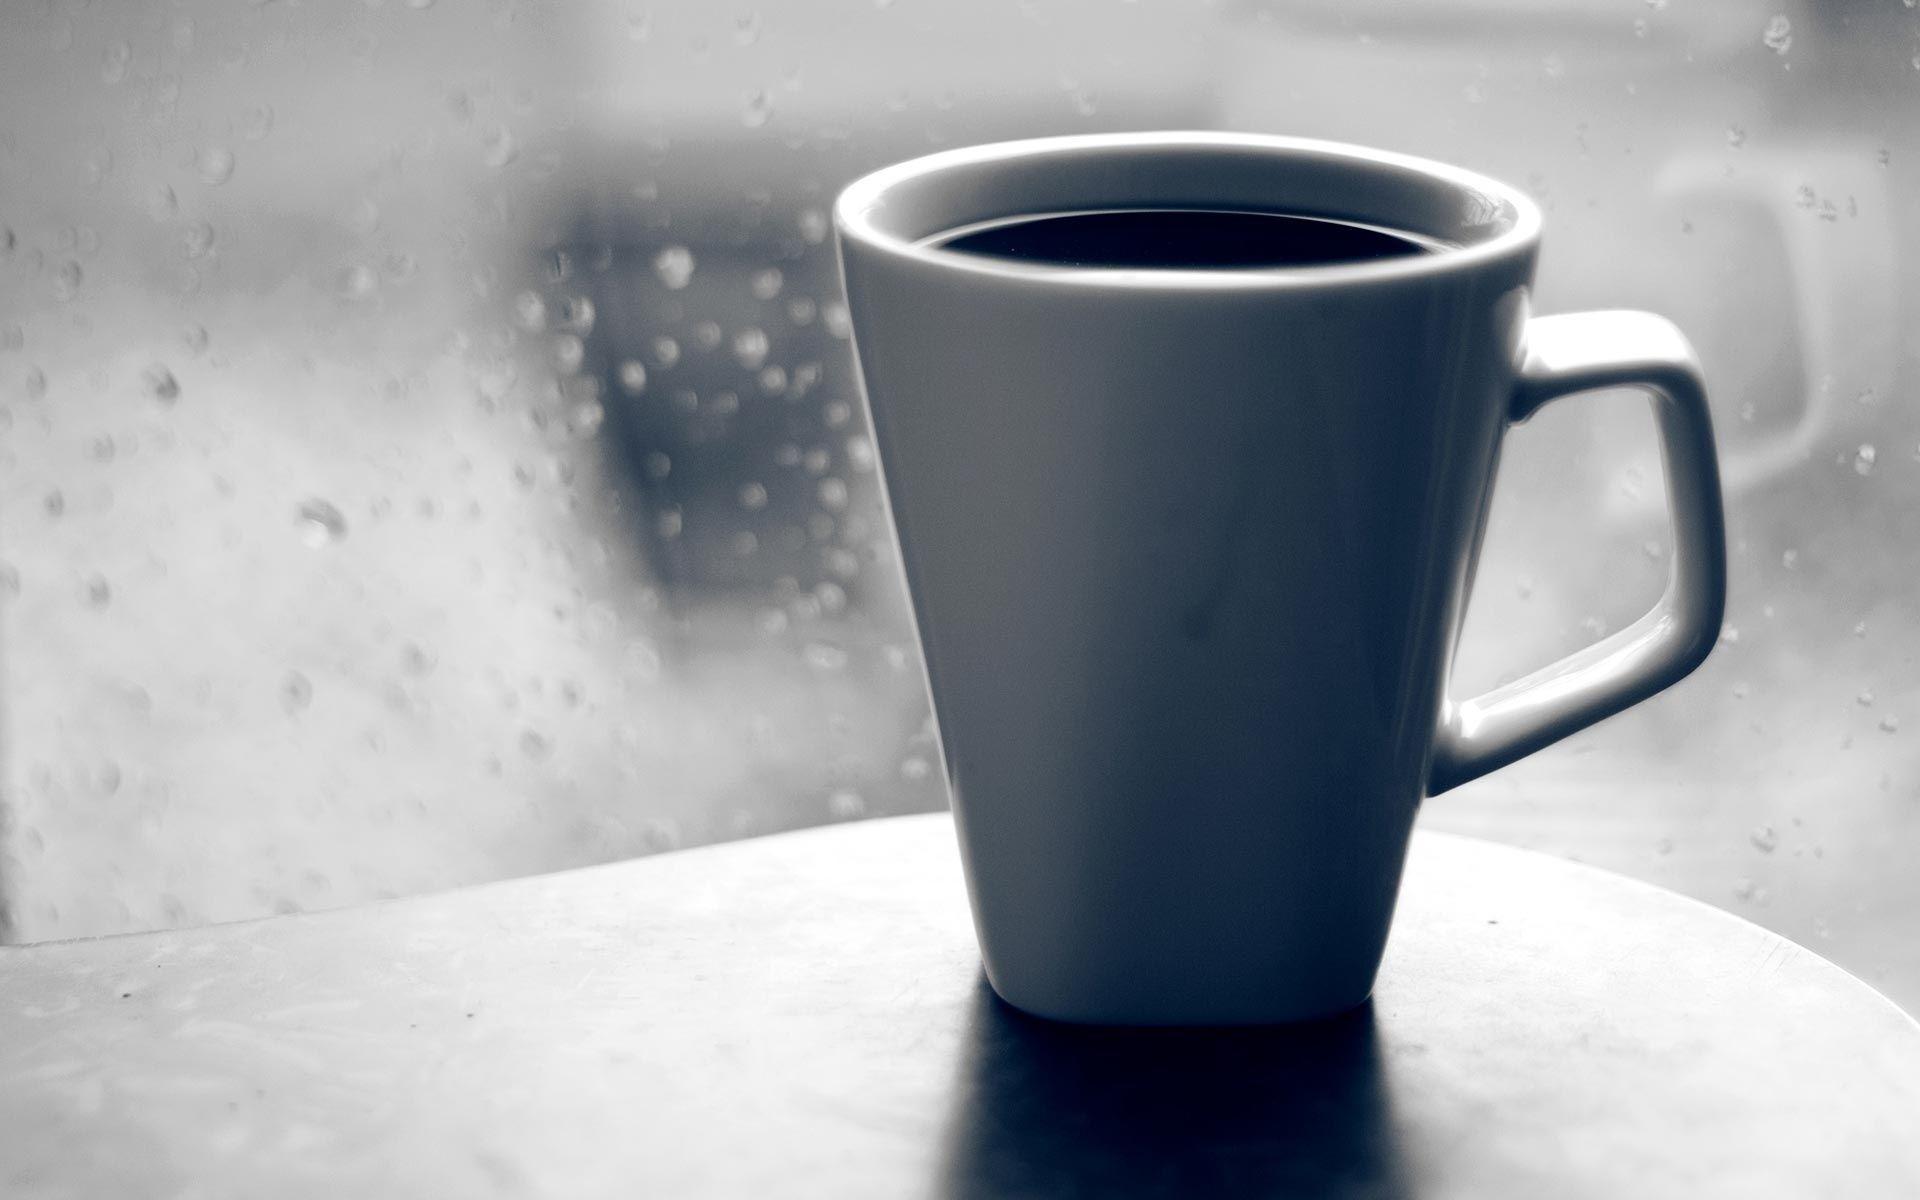 Tazzina da caffè commestibile: un'idea geniale che migliora l'ambiente